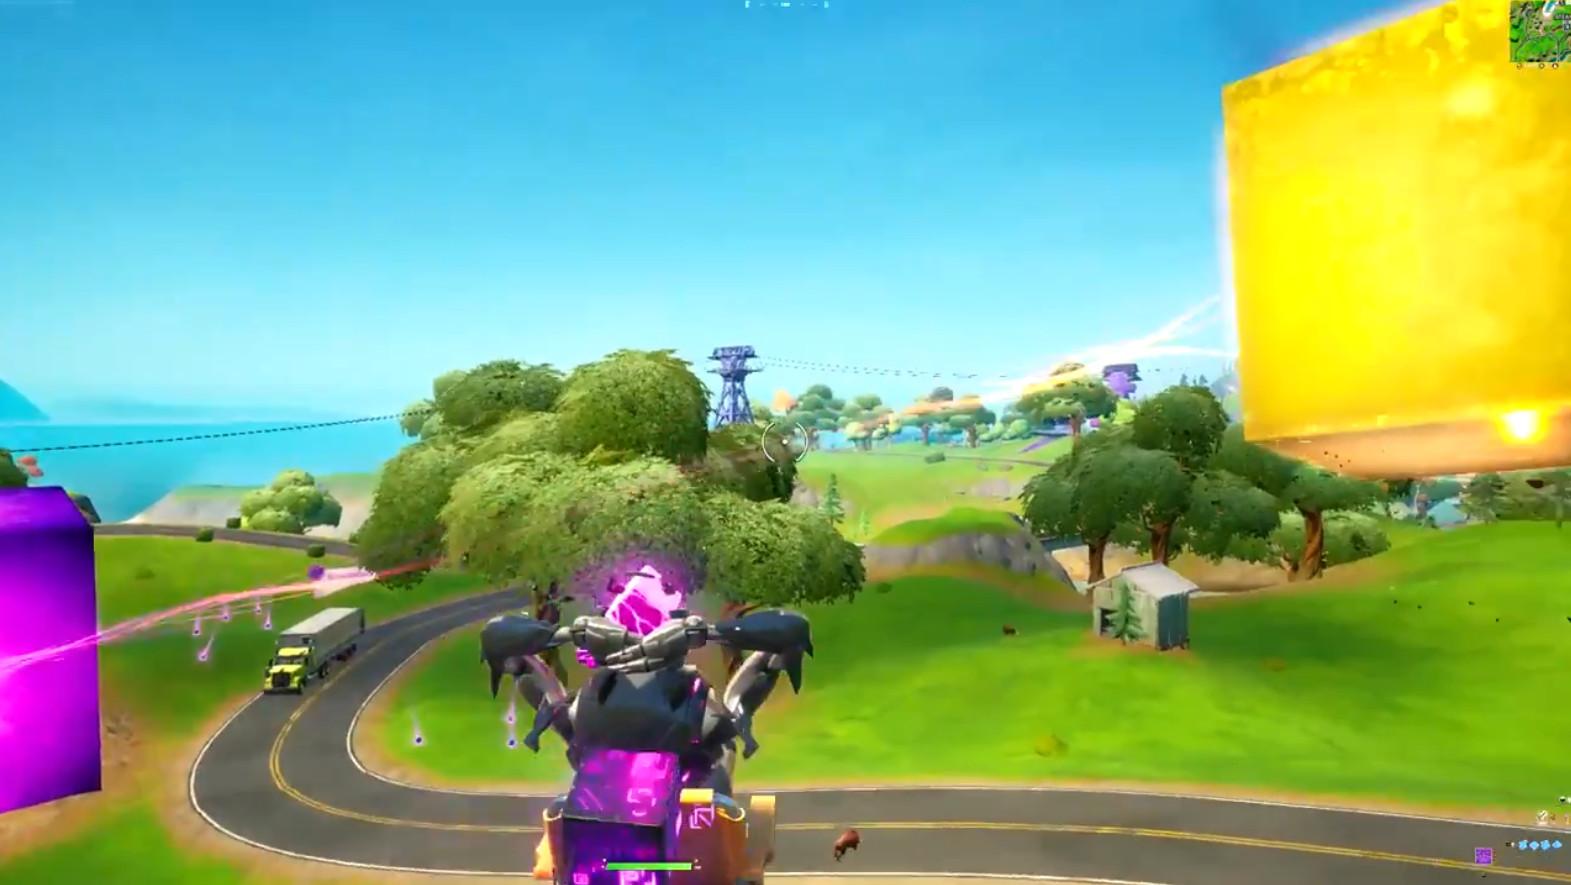 Градирен вышел новый фиолетовый куб и он не похож на других  - Из Градирен вышел новый фиолетовый куб и он не похож на других